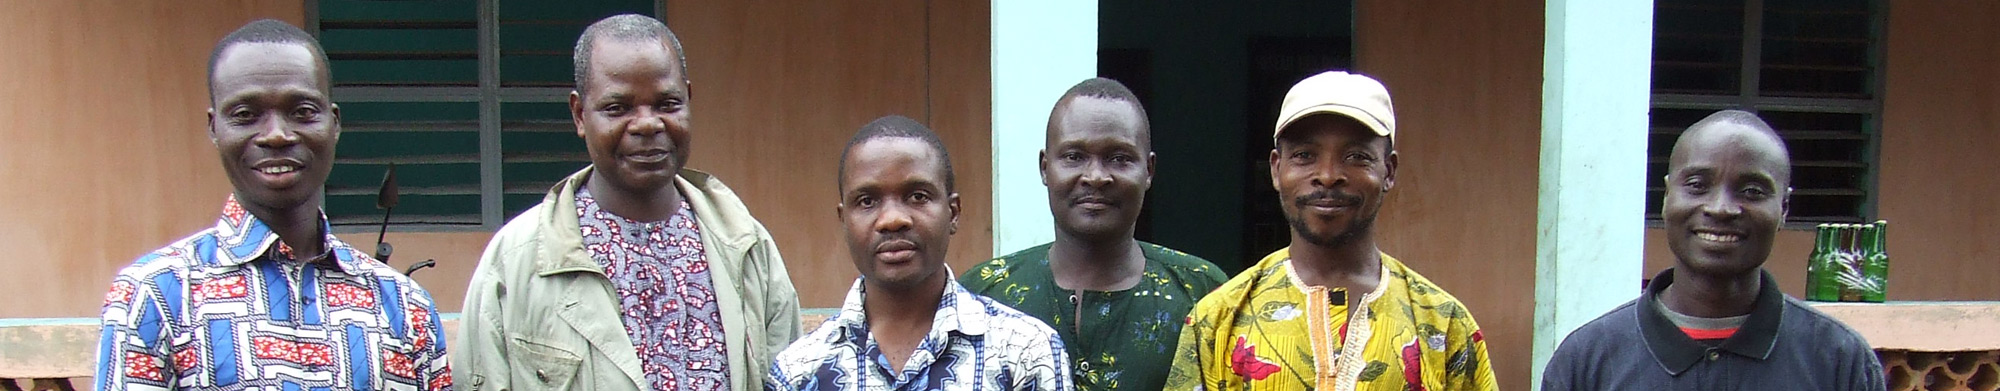 Le RéPAB, Réseau des Producteurs d'Ananas du Bénin